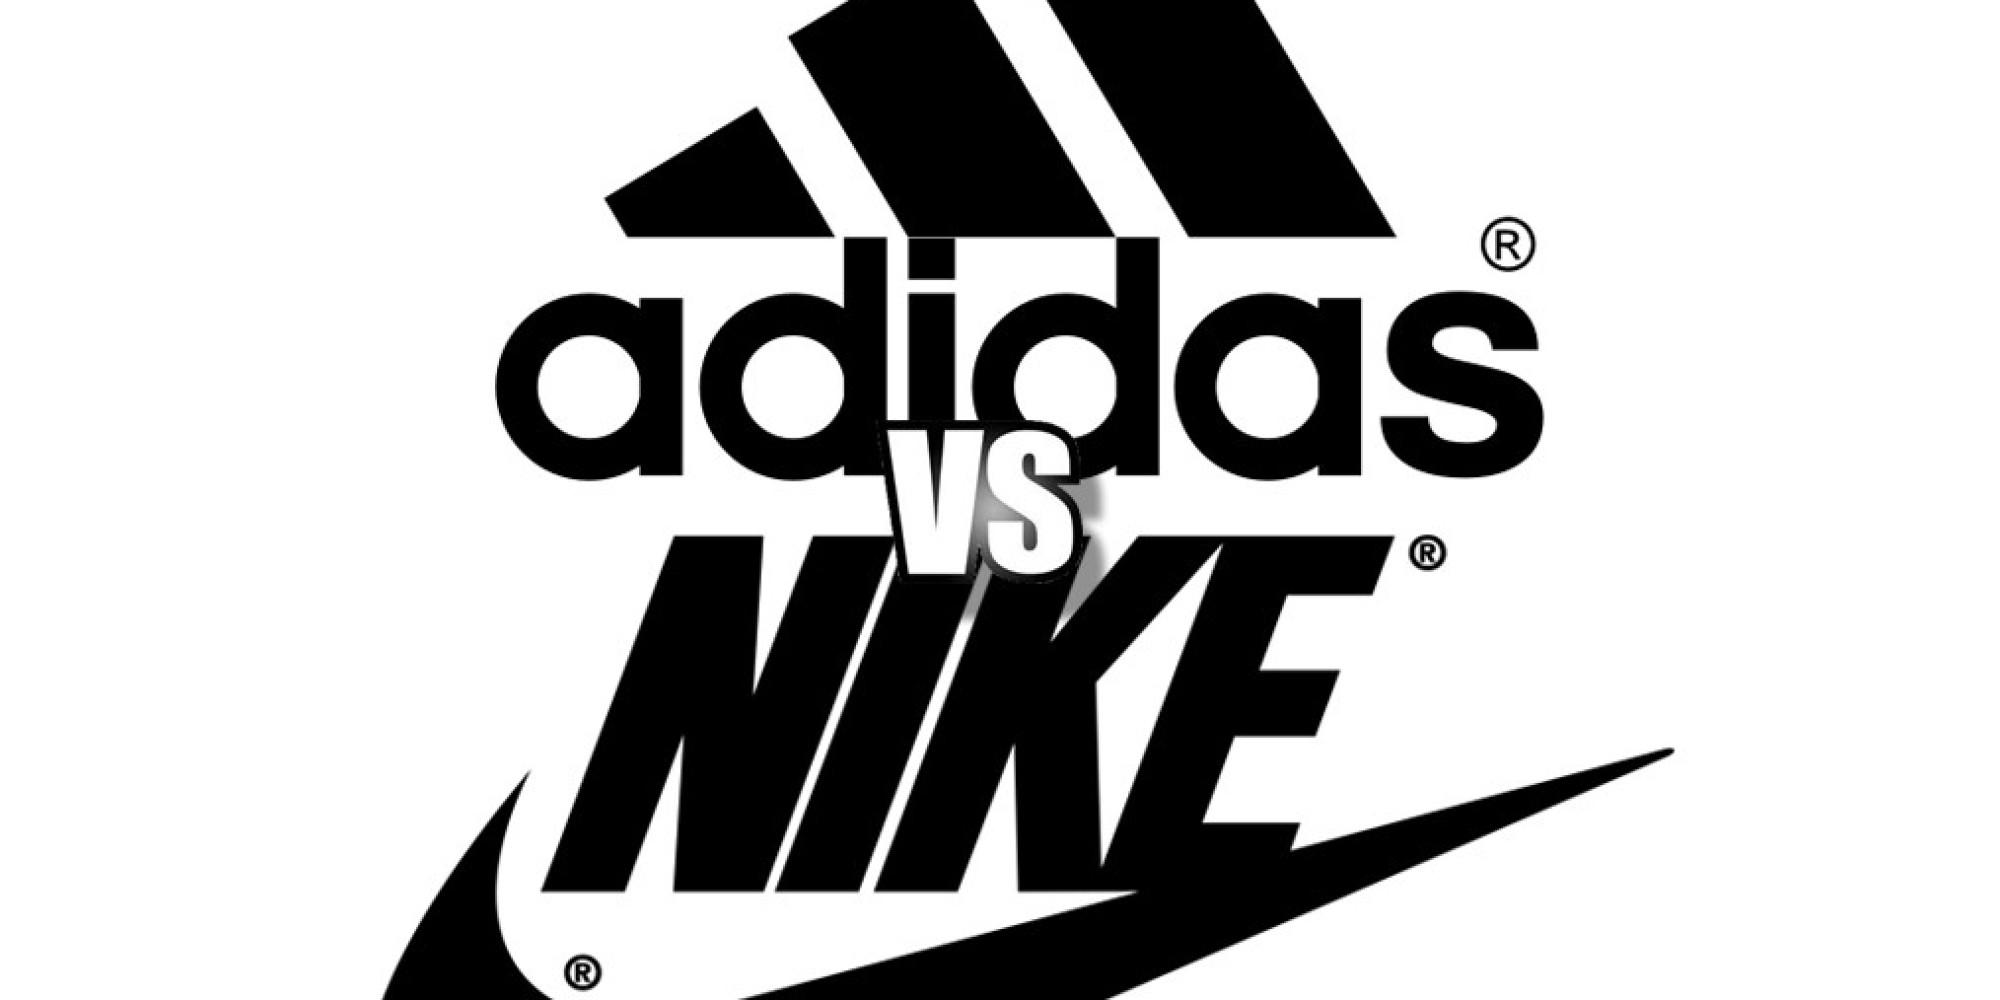 скачать картинки nike adidas